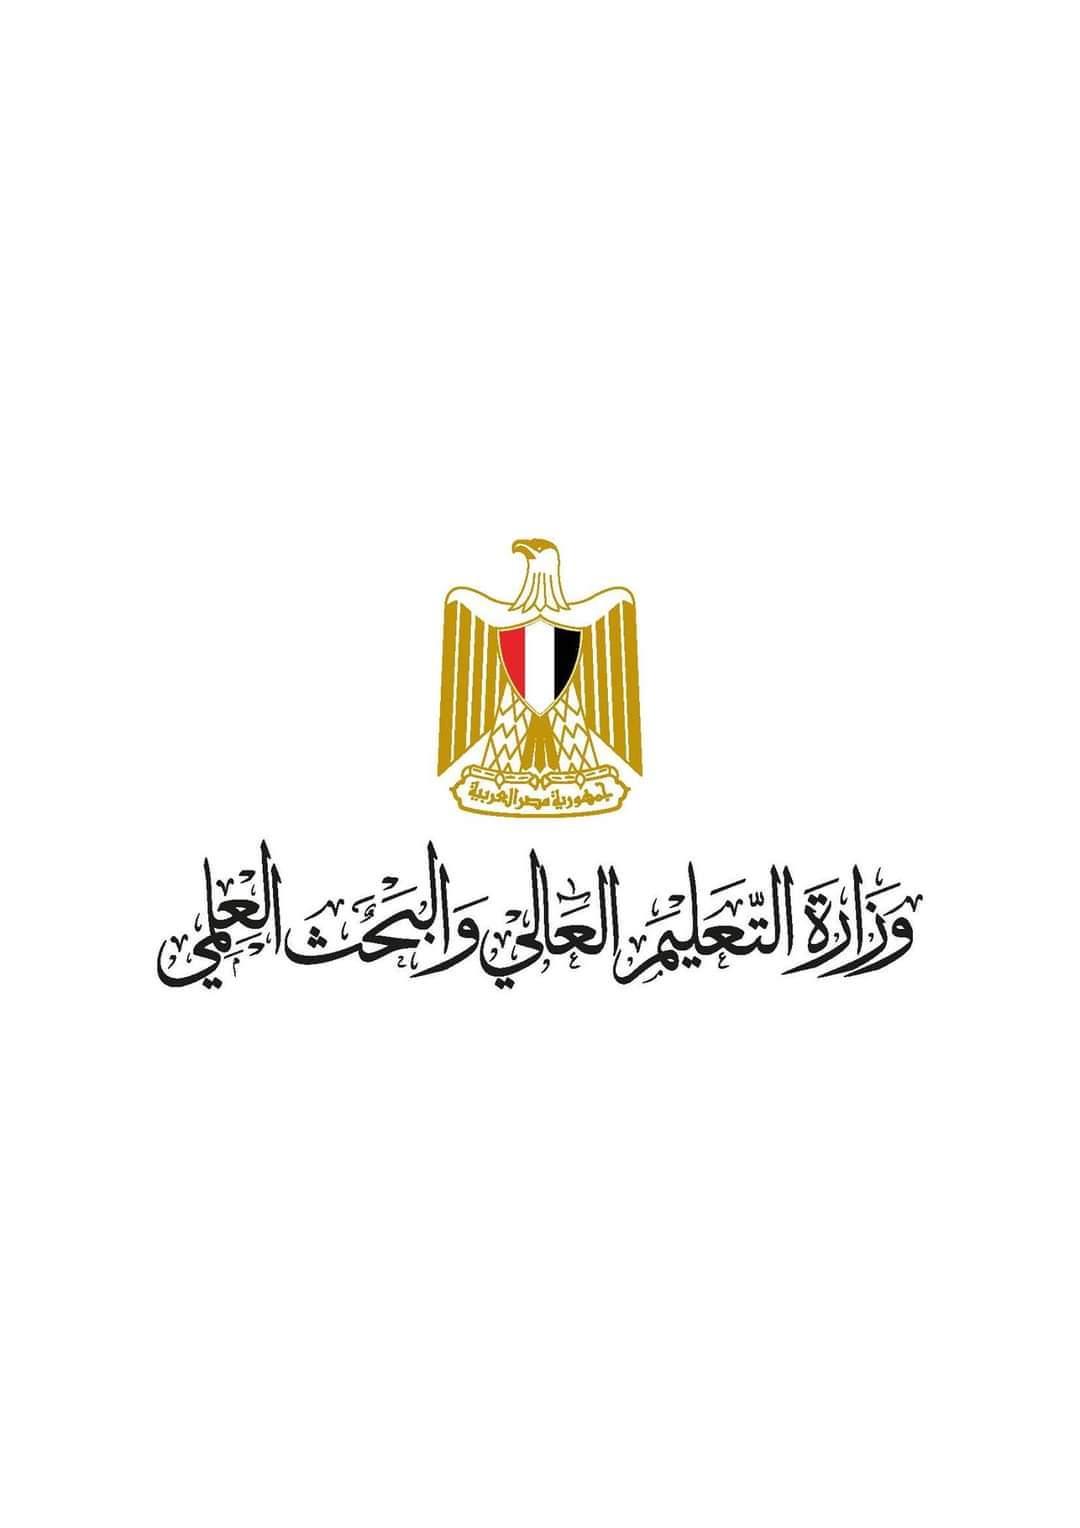 إدراج 31 جامعة مصرية ضمن تصنيف التايمز للتنمية المستدامة لهذا العام